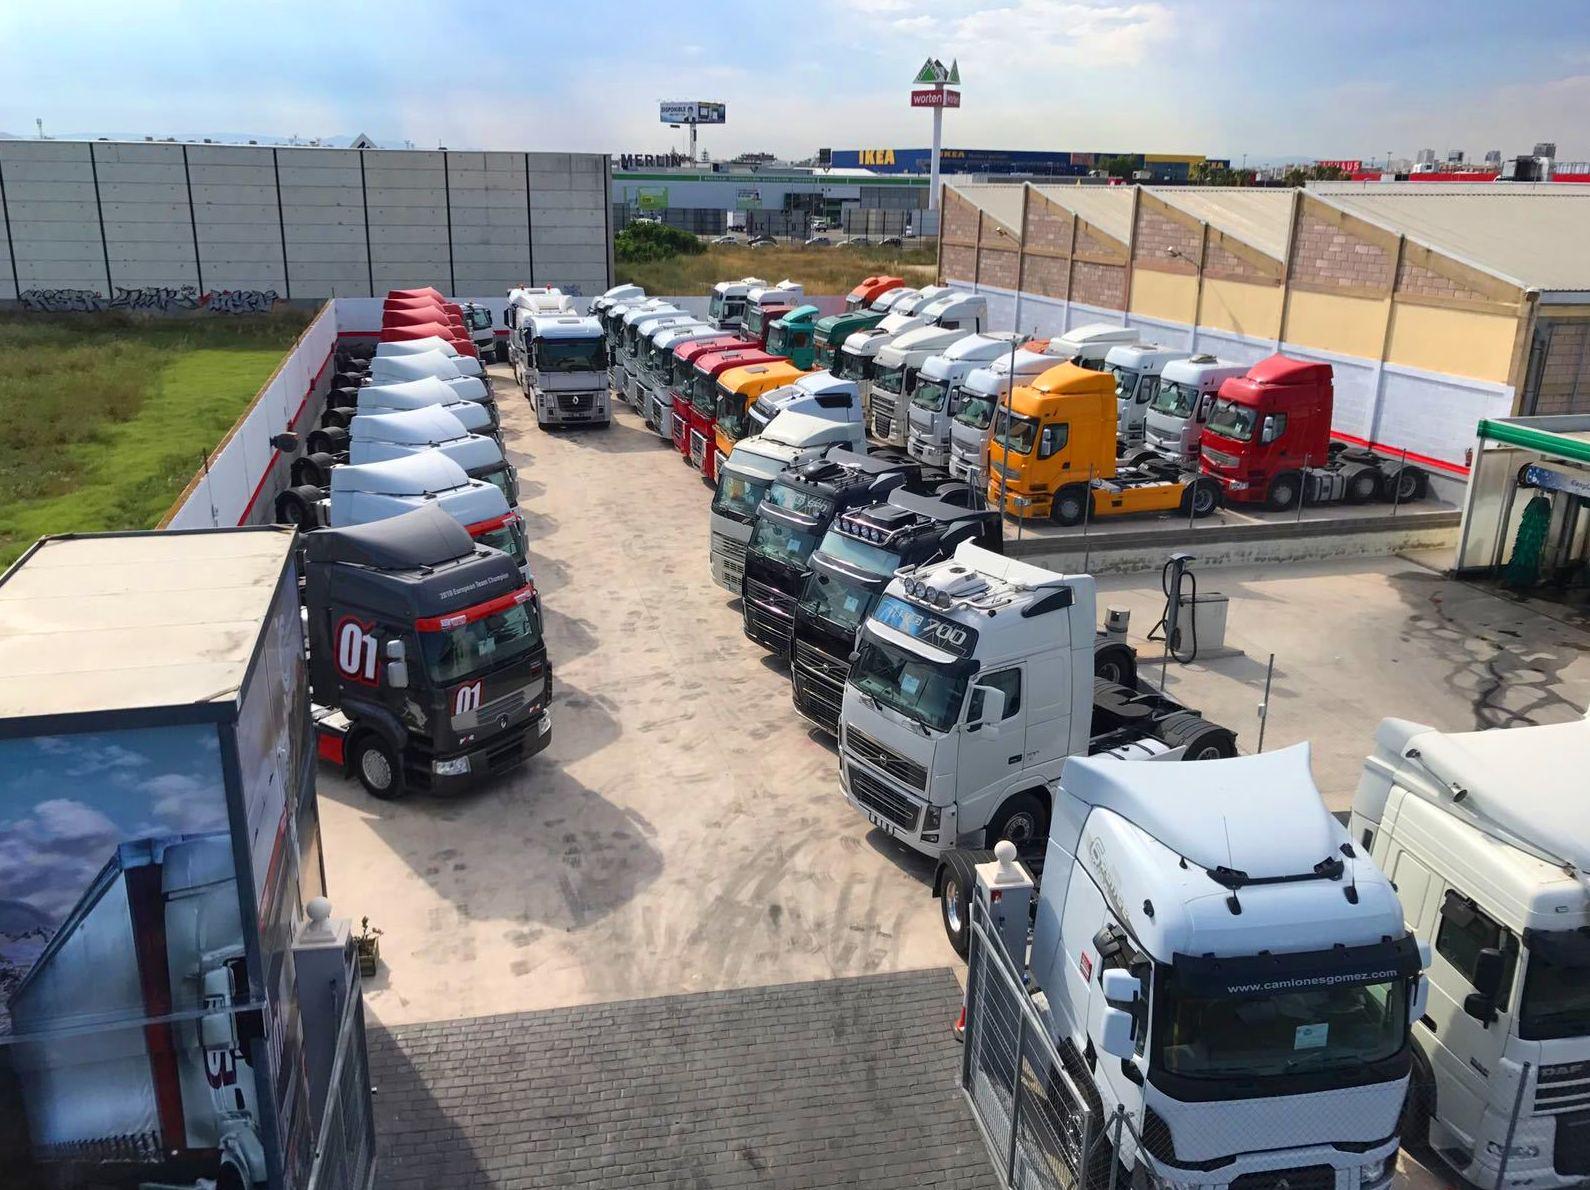 Camiones ocasion Valencia, compra venta de camiones Valencia, Venta de camiones Valencia, Venta de vehiculos industriales Valencia, Empresa de venta de camiones segunda mano Valencia, Camiones segunda mano Valencia, Camiones ocasion Valencia